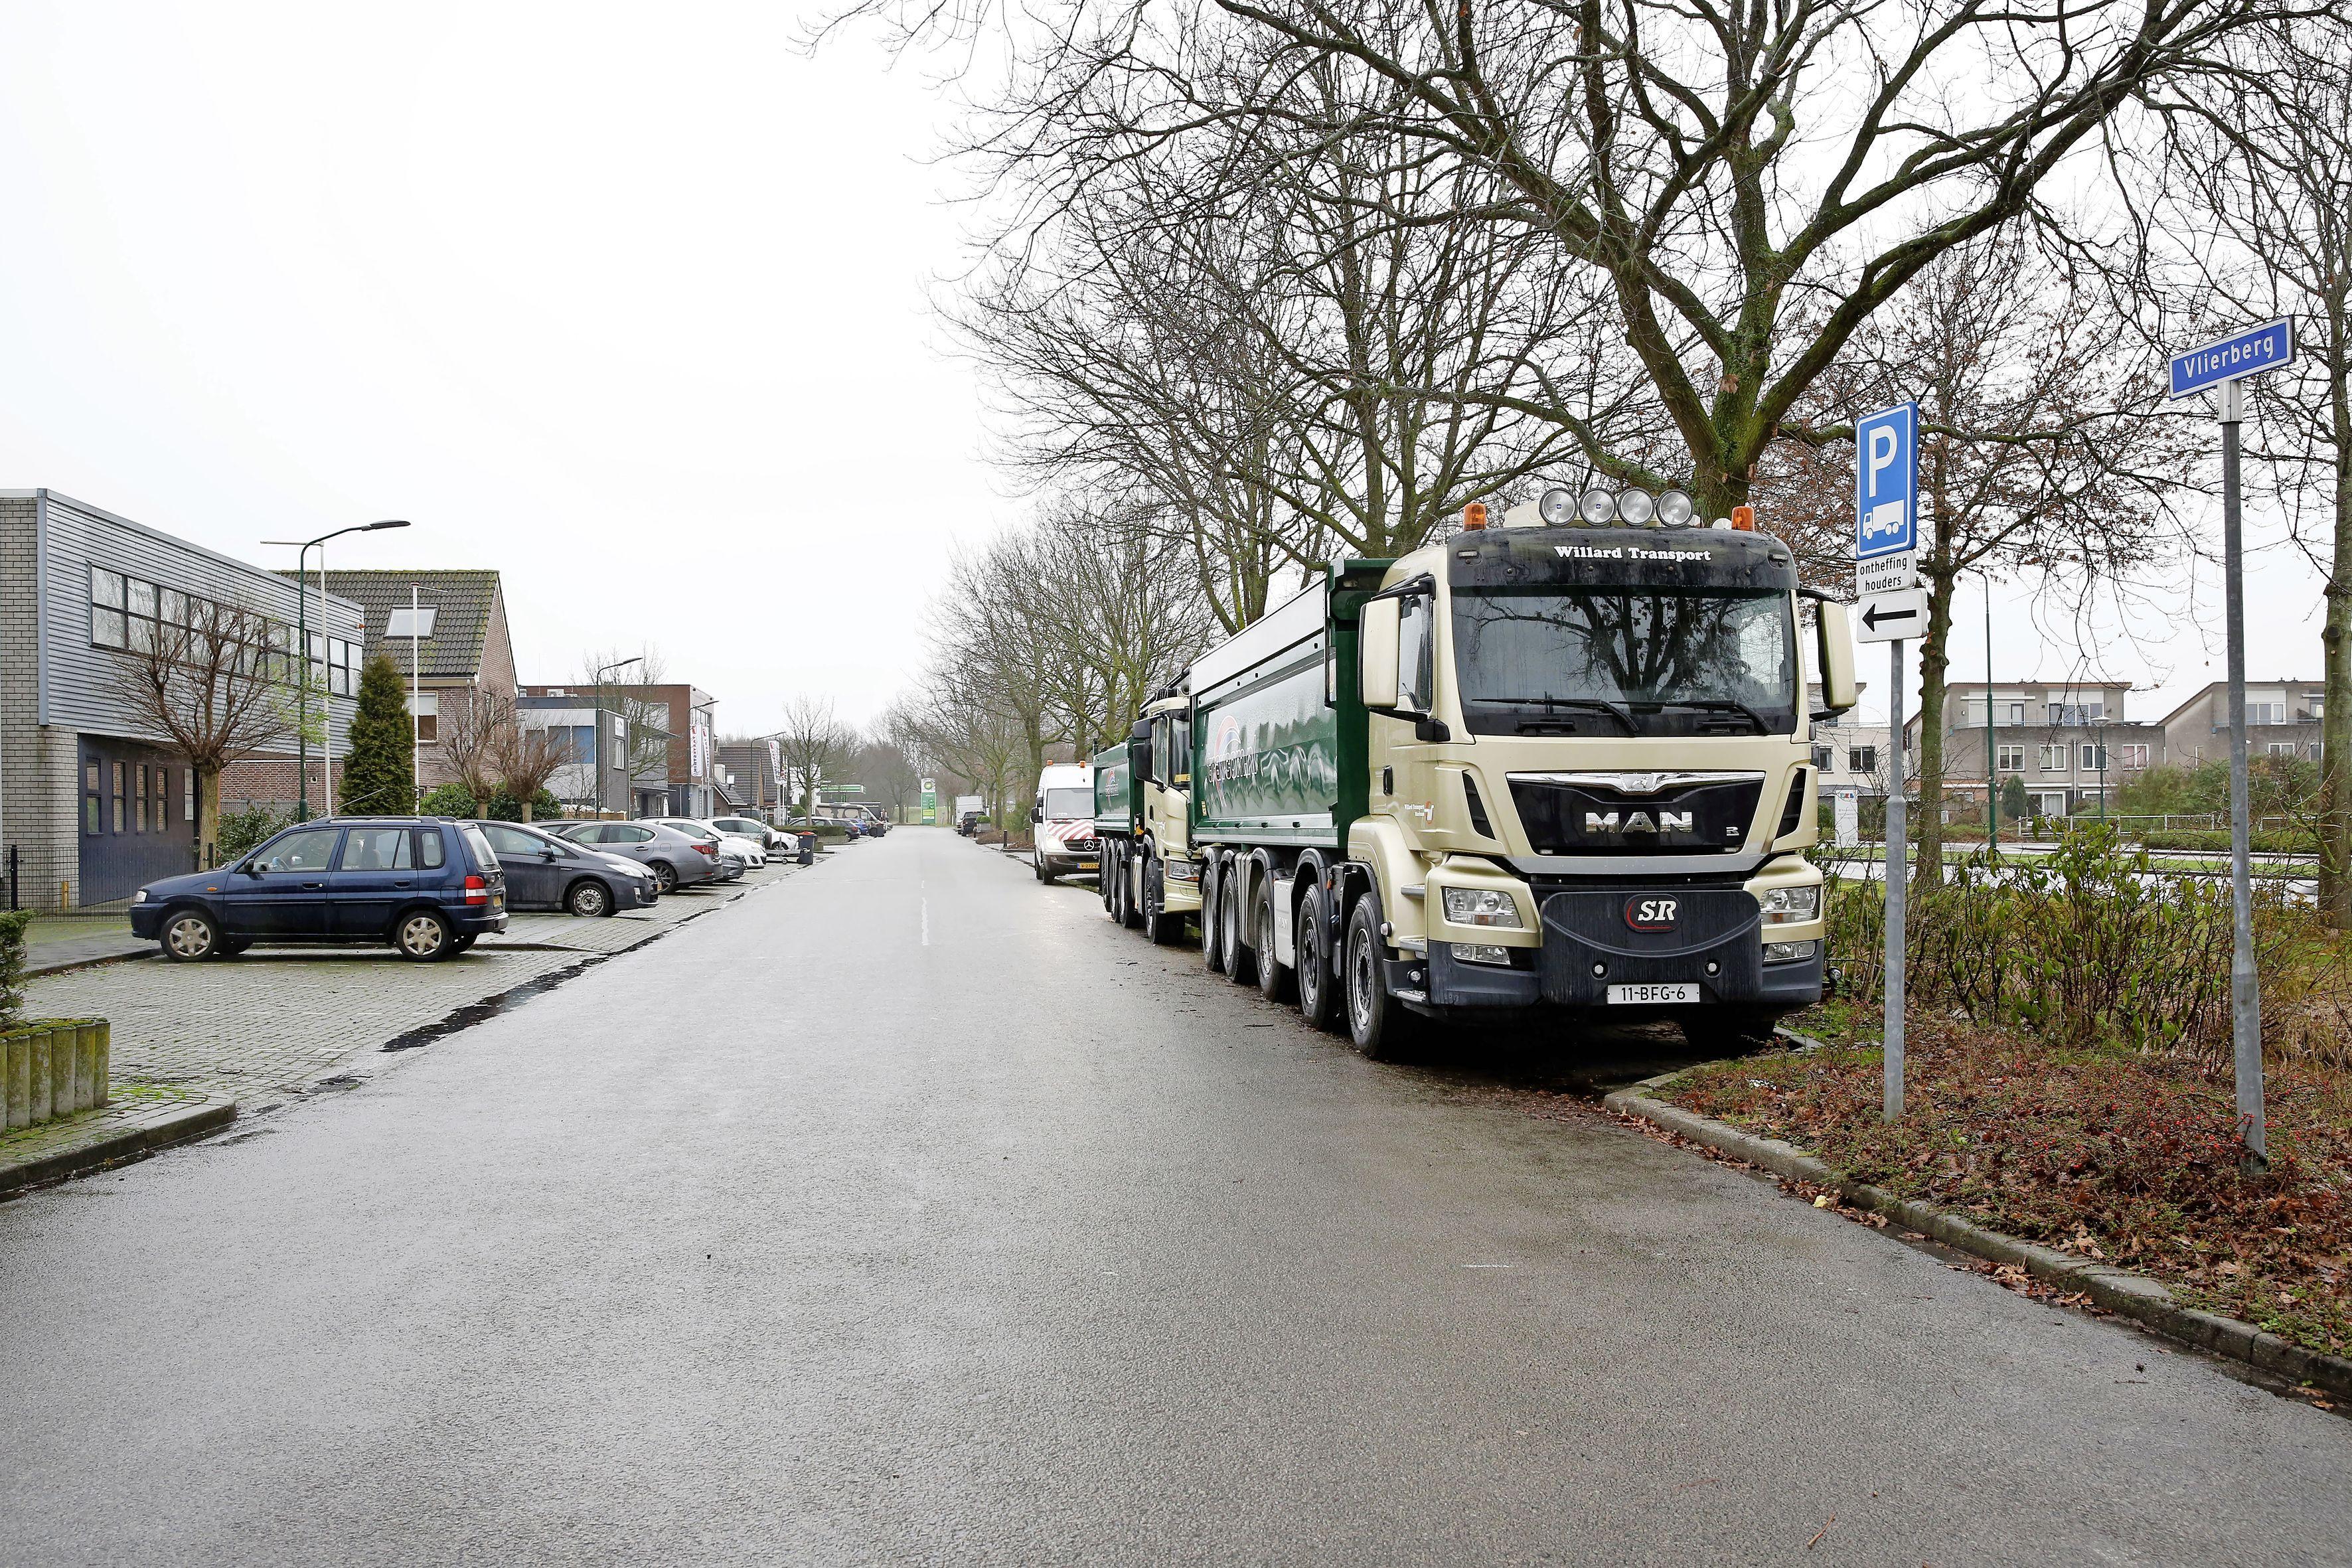 Vrachtwagens van het bedrijventerrein in Eemnes krijgen waarschijnlijk na jaren een nieuwe locatie; het levert 22 parkeerplekken voor personenauto's op